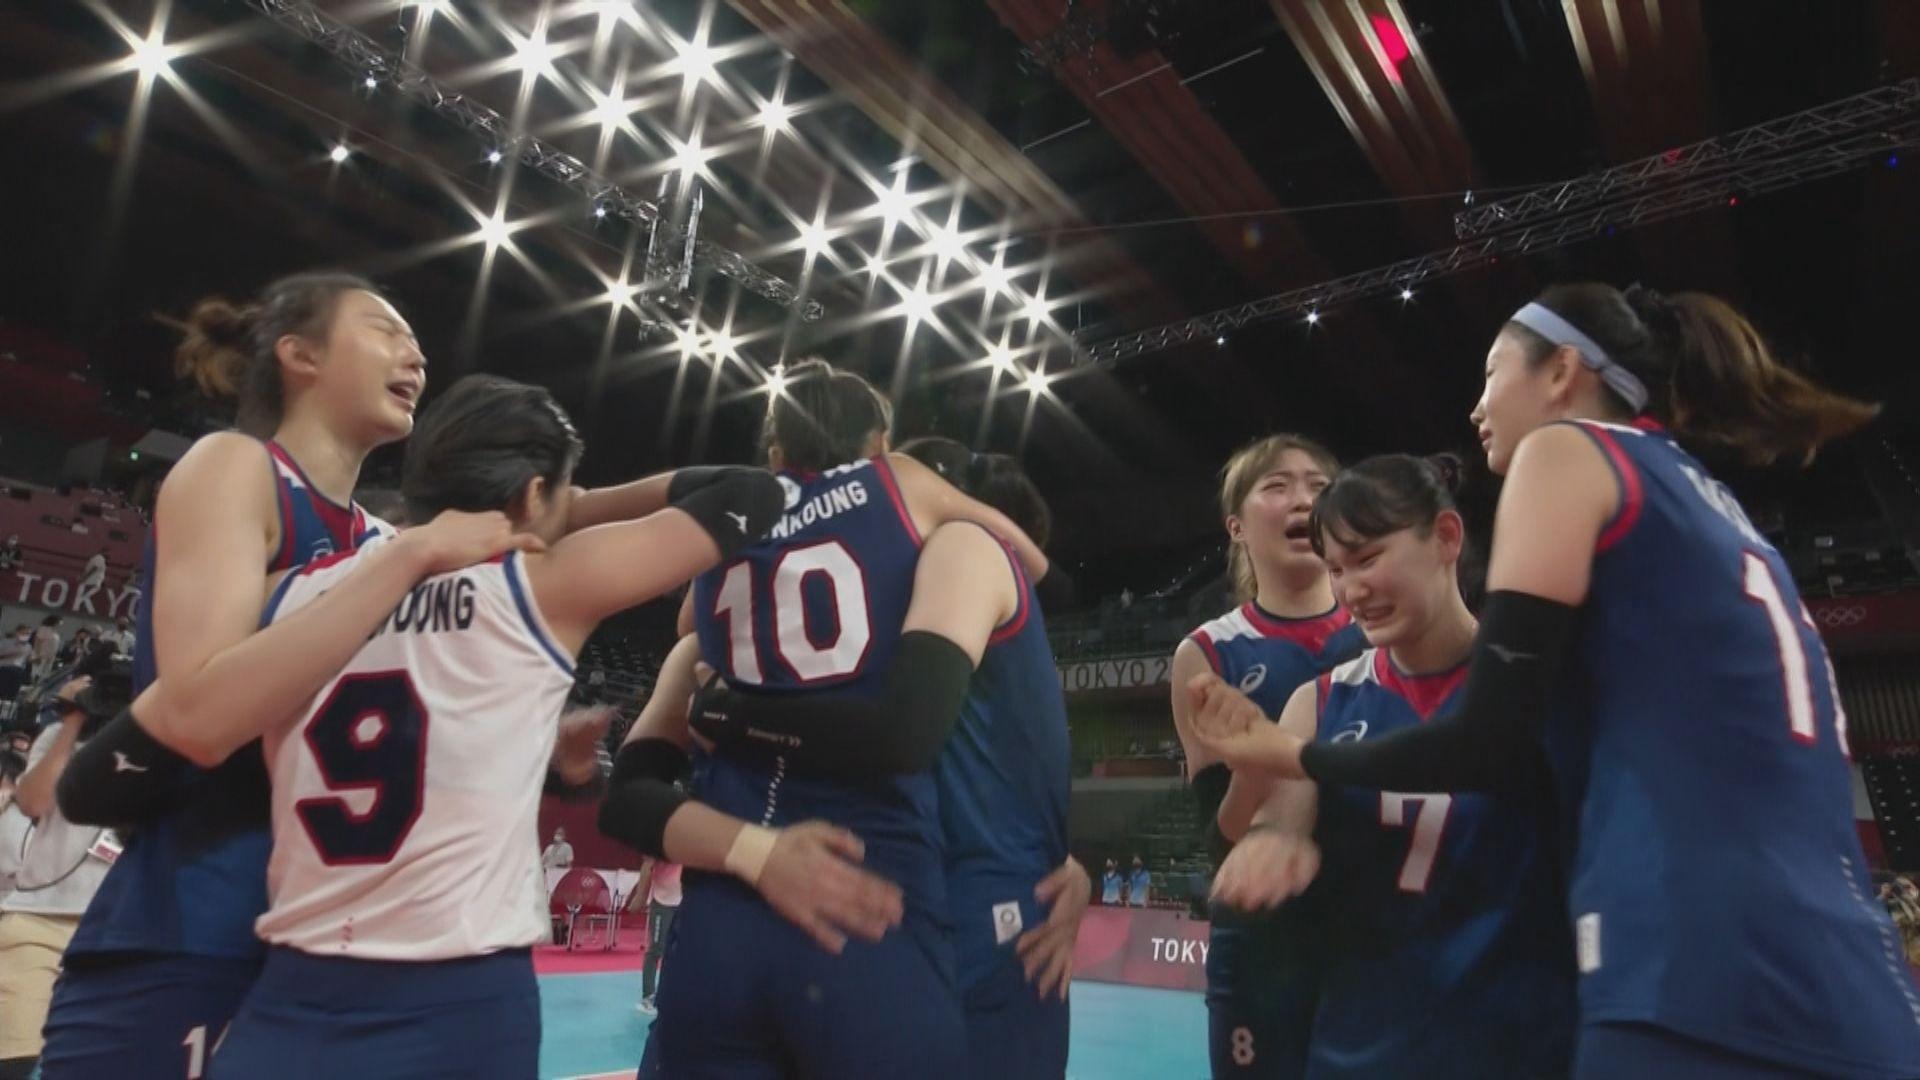 奧運女子排球八強 南韓3:2土耳其